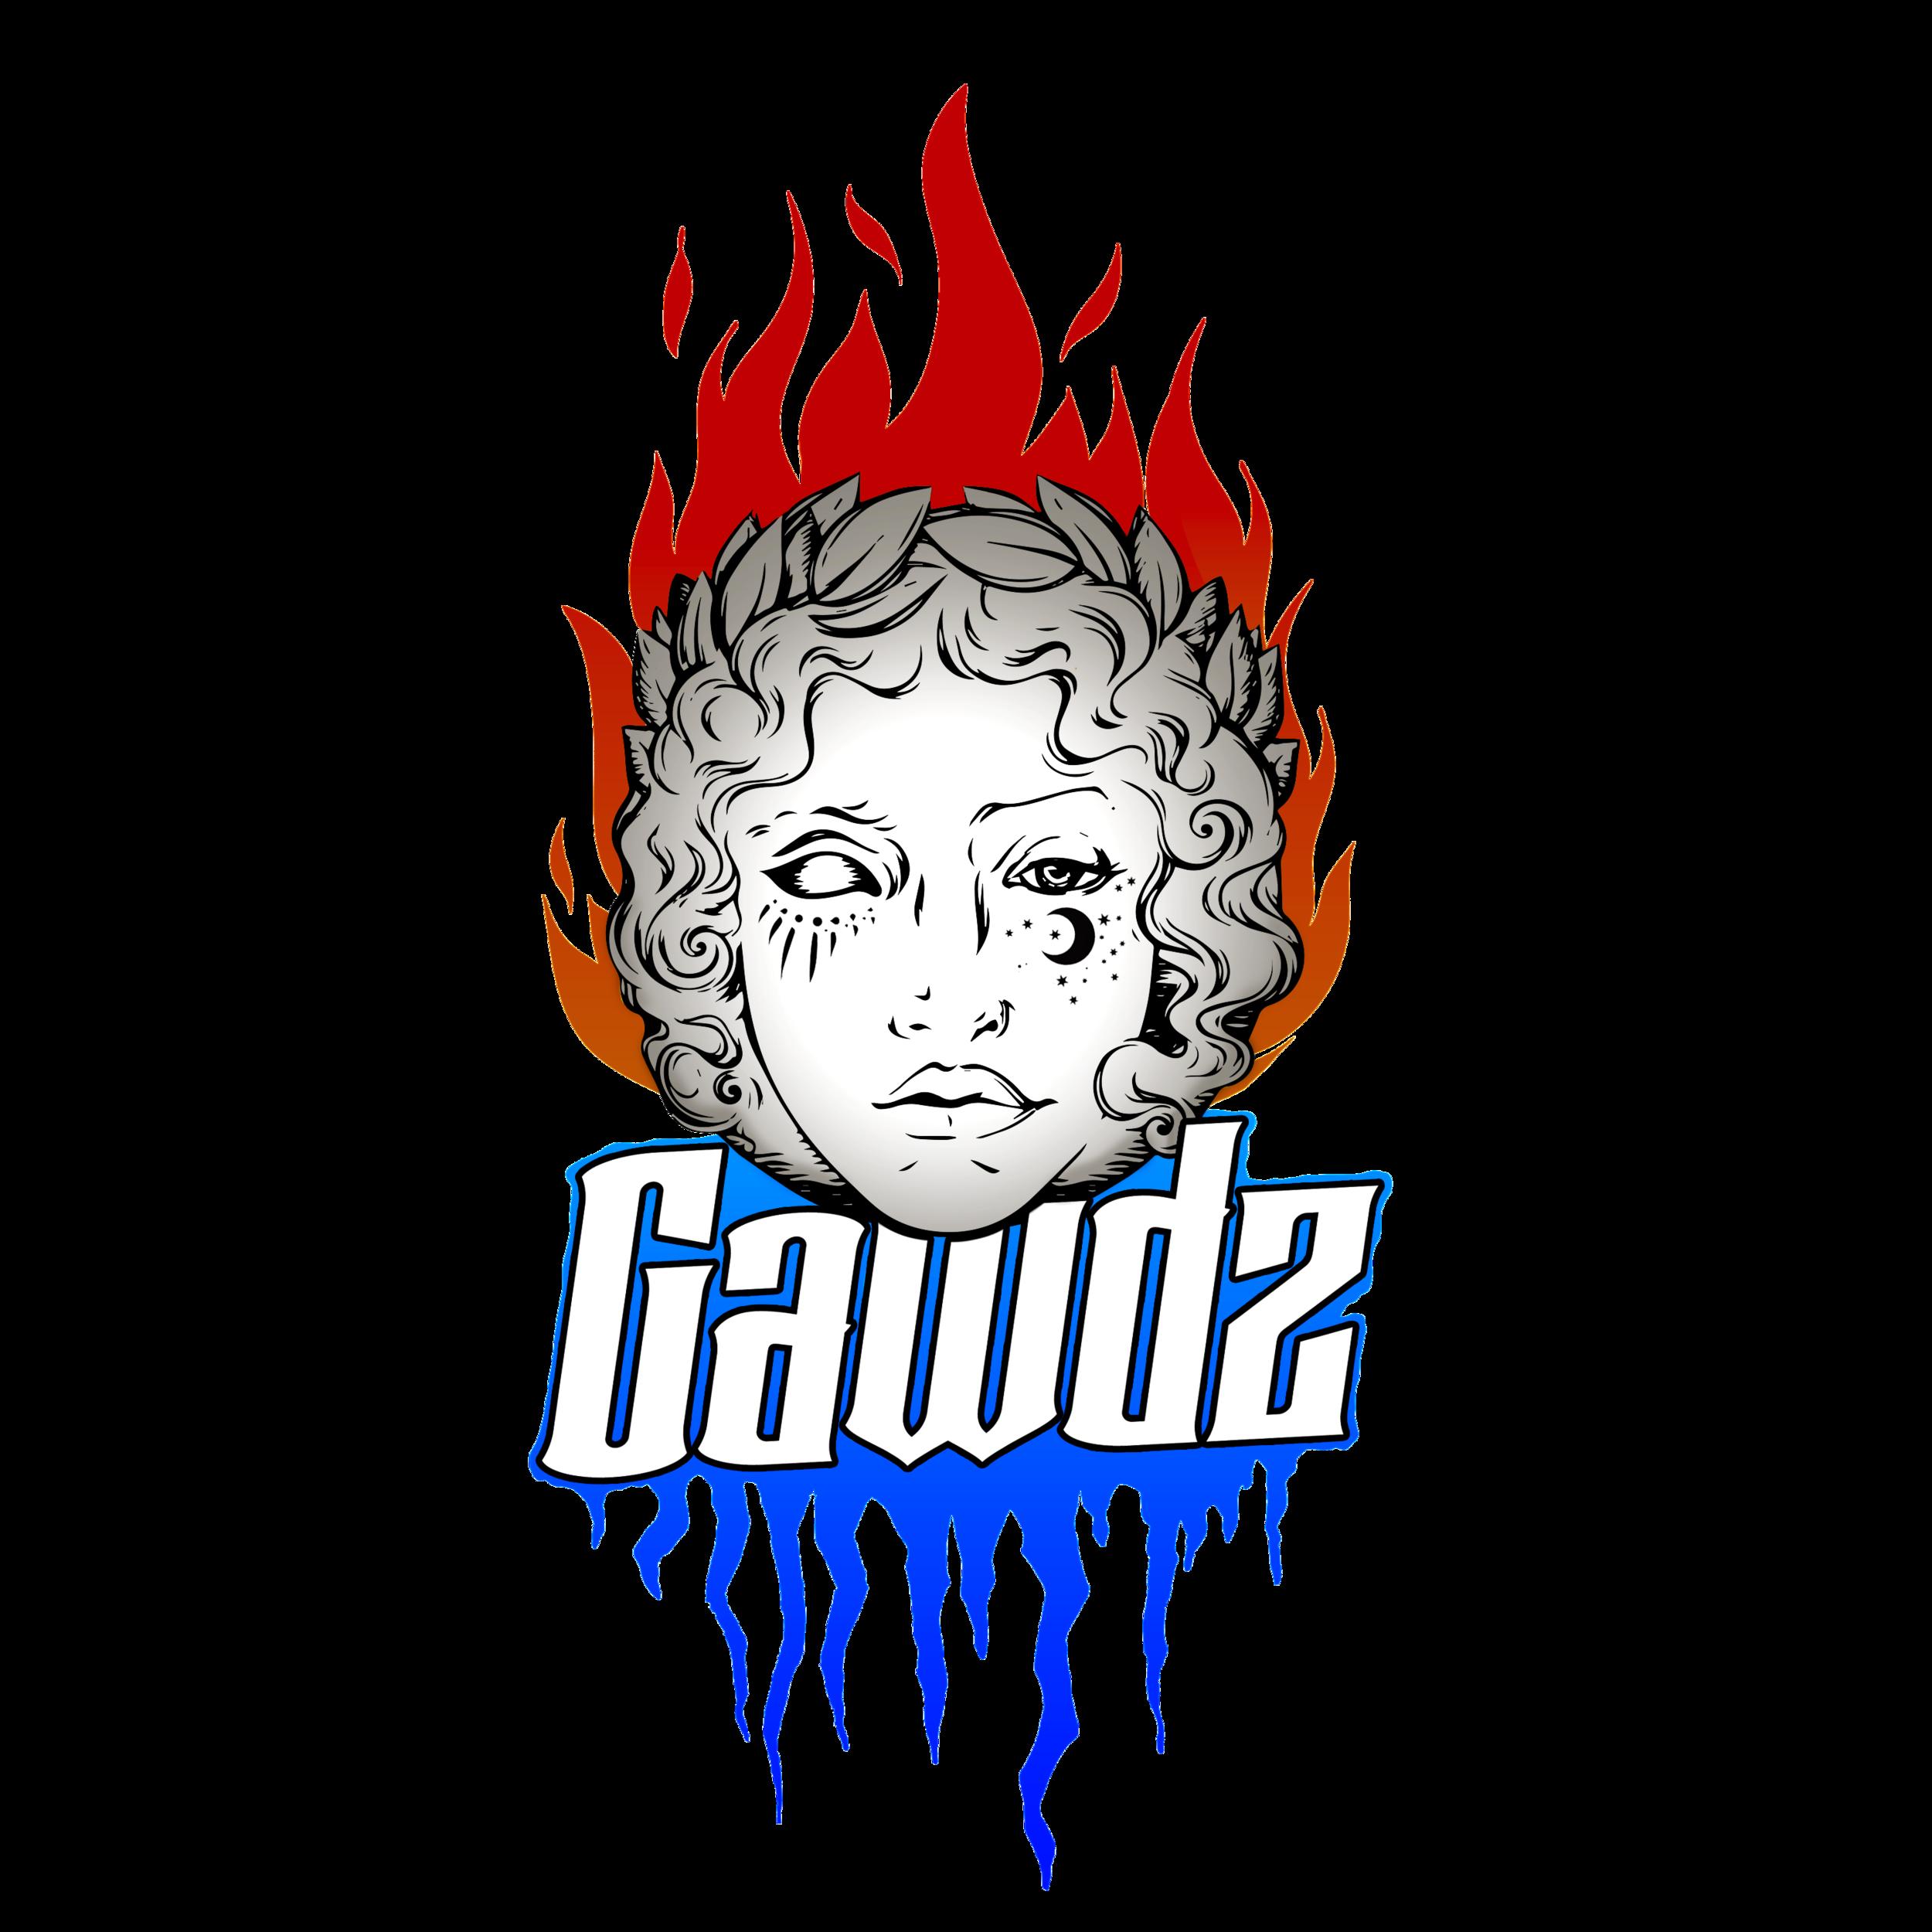 GawdzLogoFinal.png